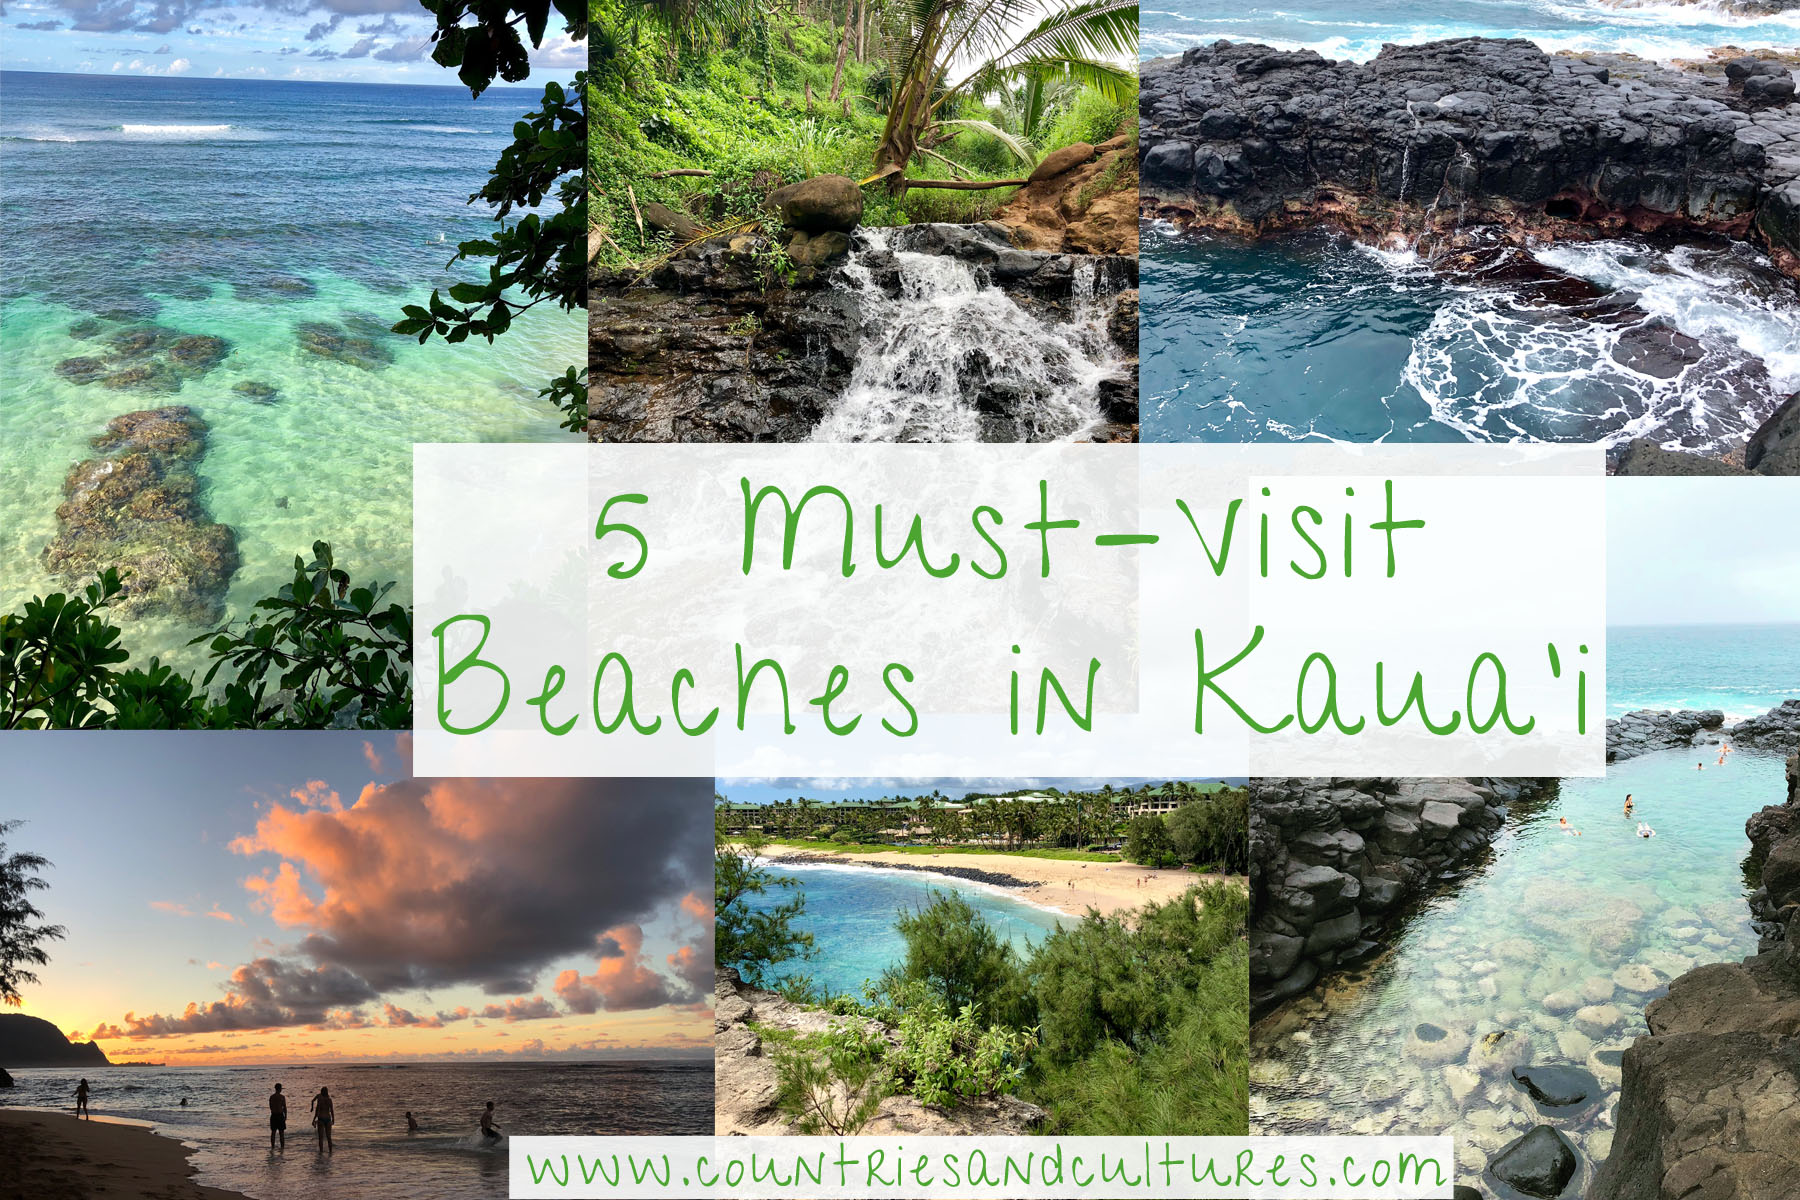 beaches in kaua'i